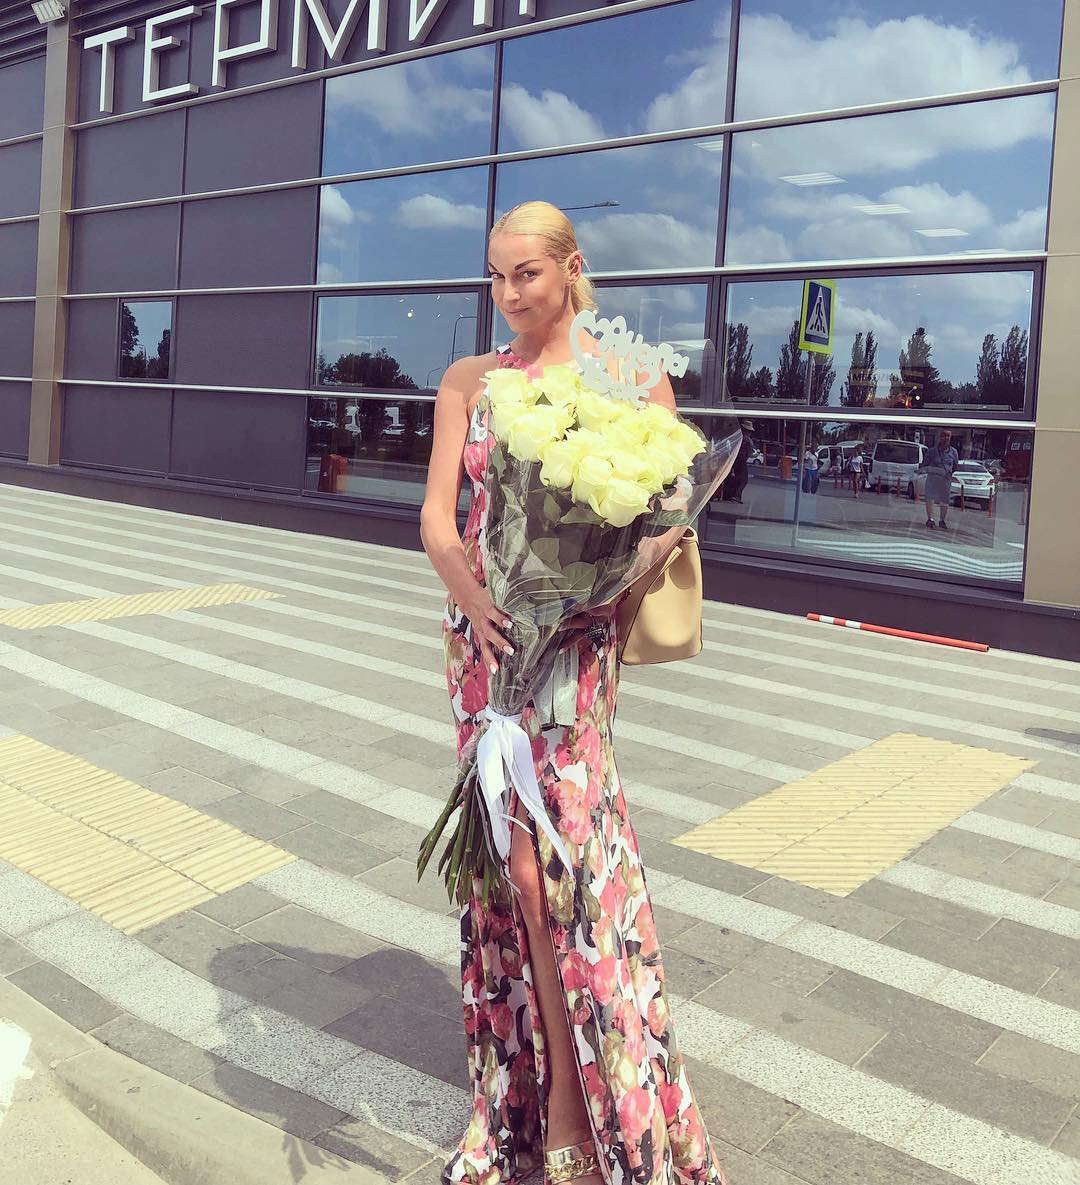 Анапа встретила нас солнцем, теплом и моими любимыми белыми розами с украшением: Анапа любит Вас Бесконечно приятно и трогательно! Мчим на репетицию в Городской театр. Со светлым сердцем.